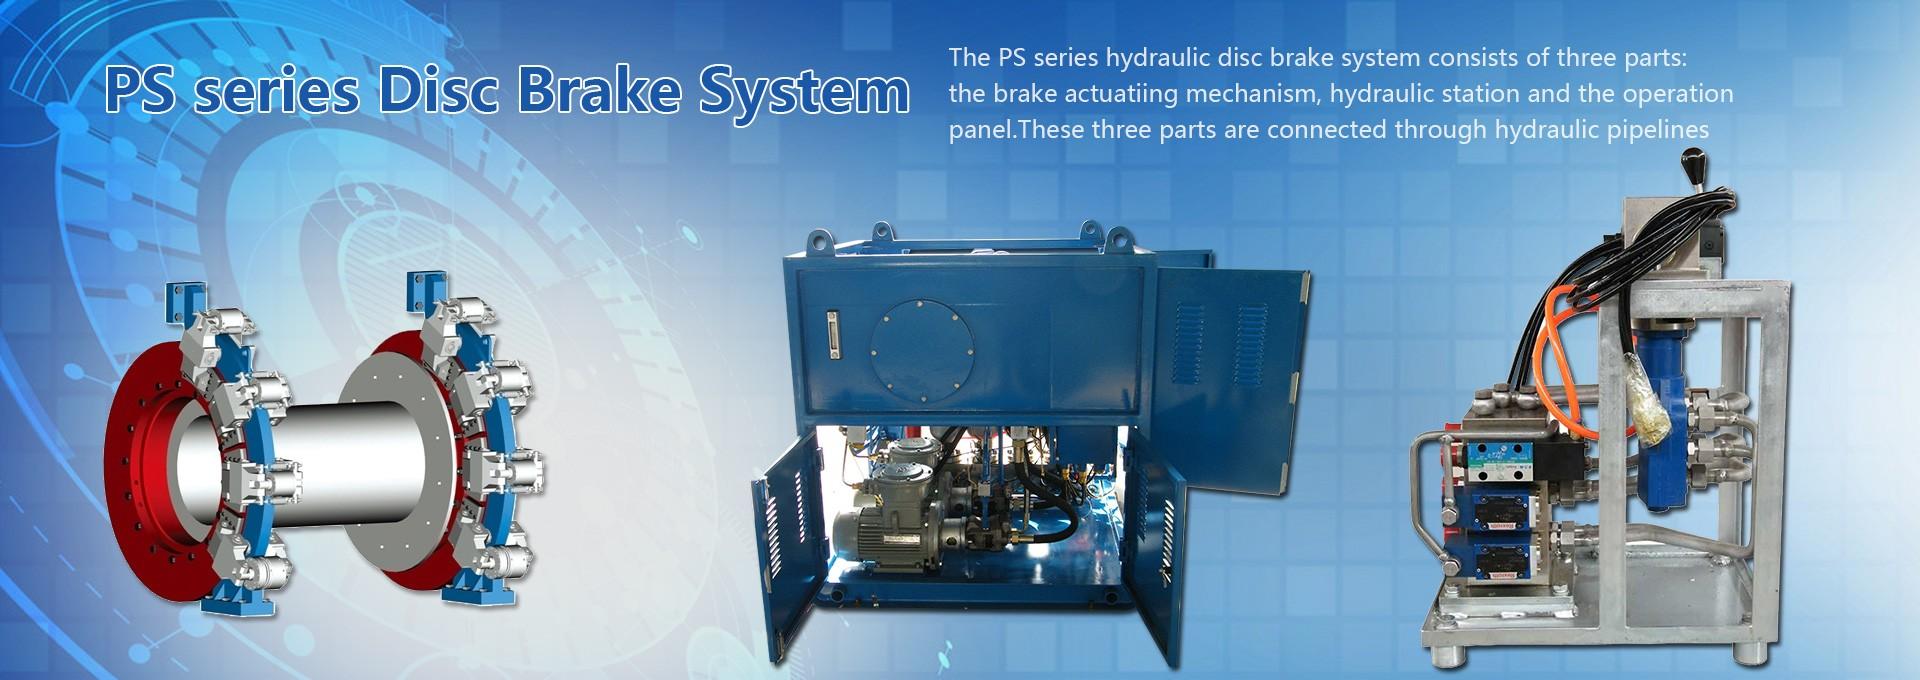 PS série à disque hydraulique Système de freinage